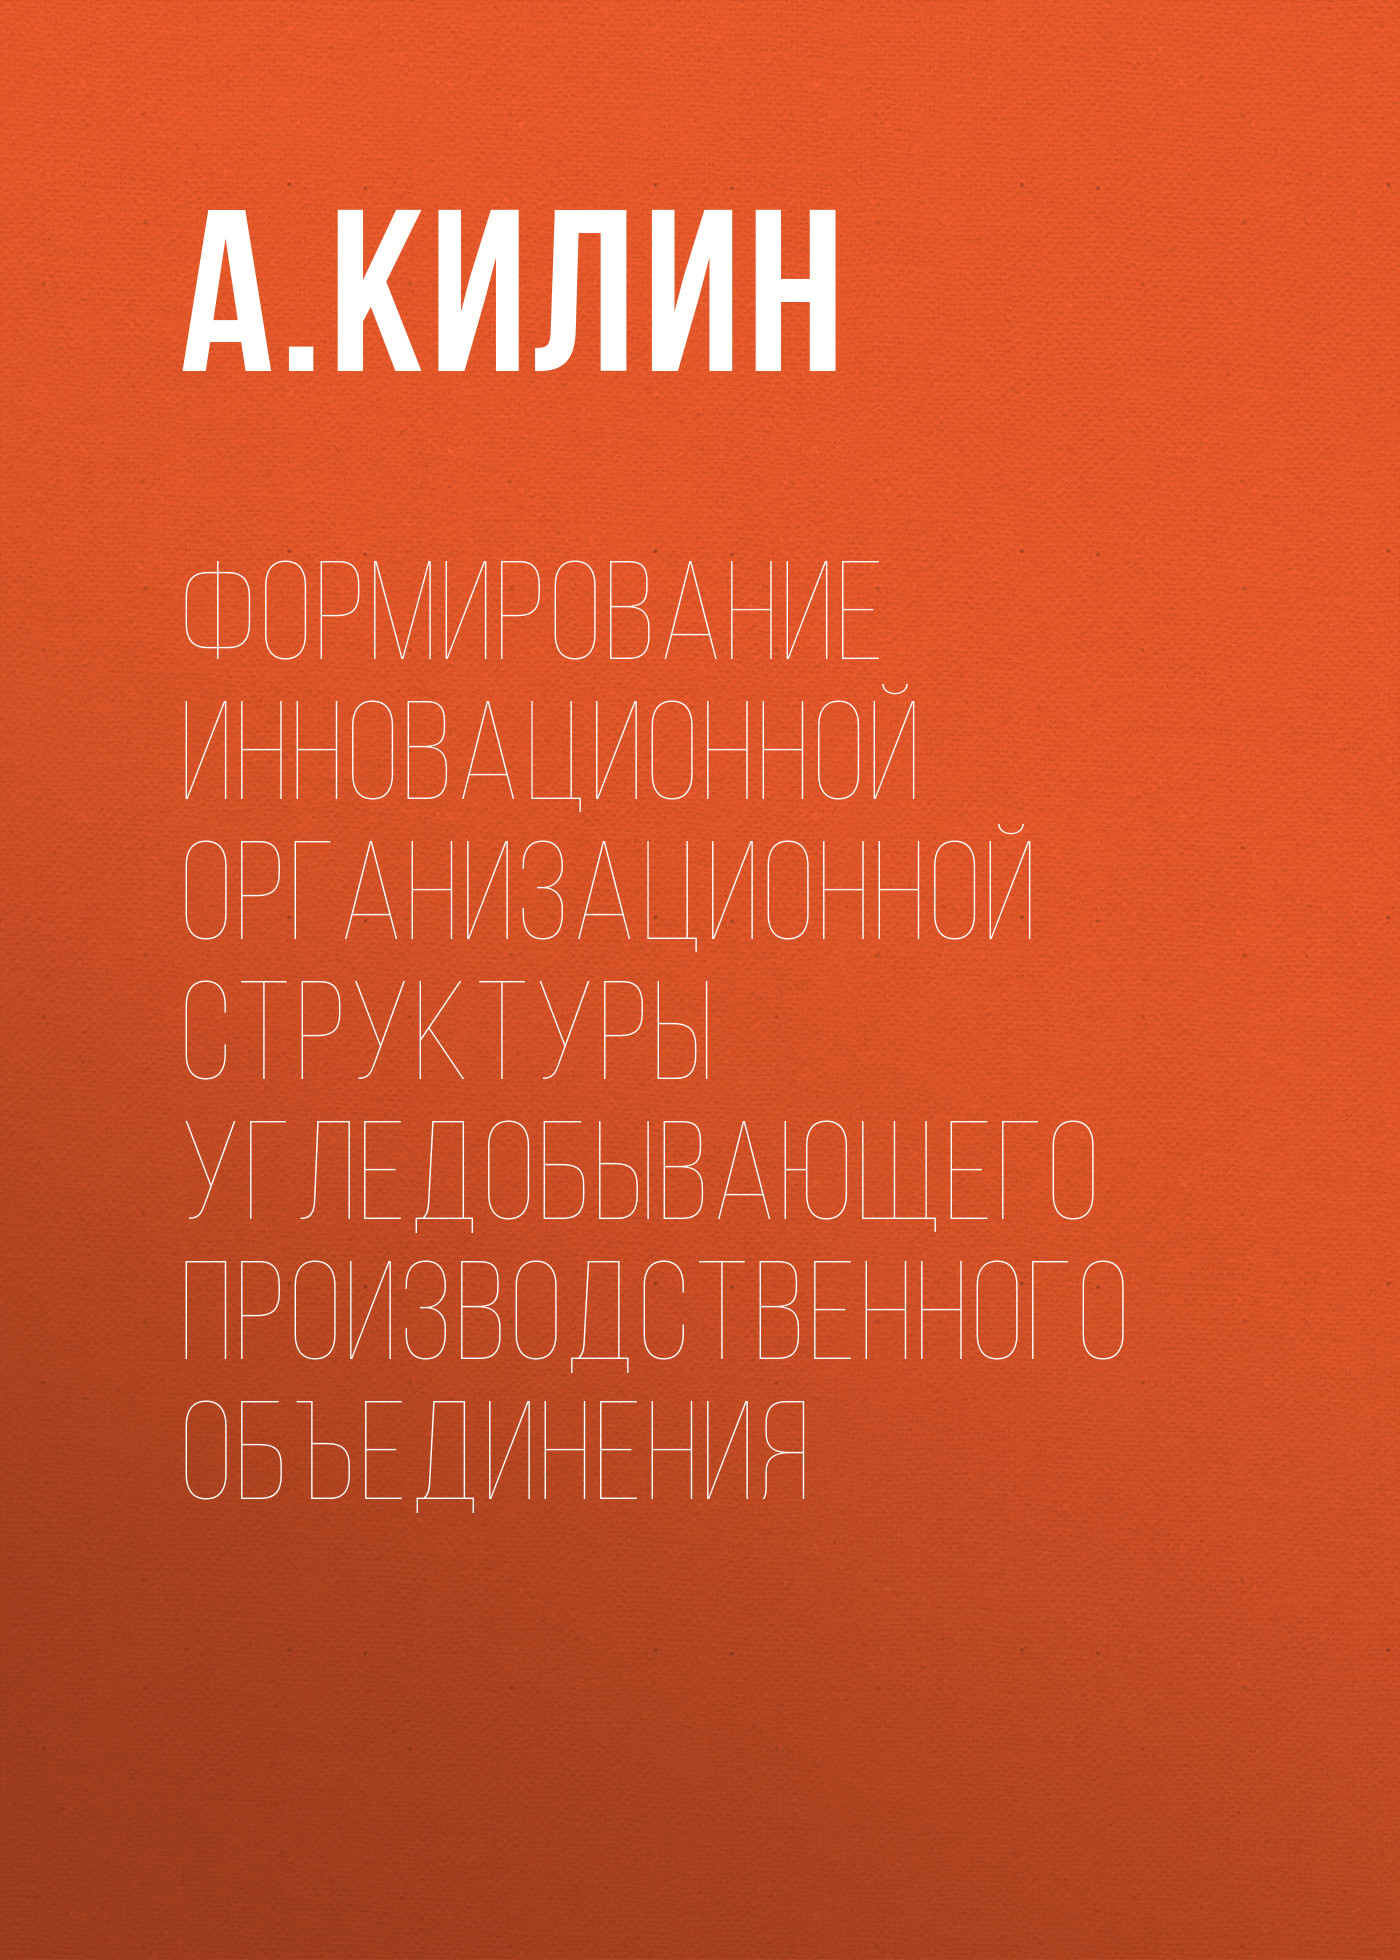 А. Б. Килин Формирование инновационной организационной структуры угледобывающего производственного объединения